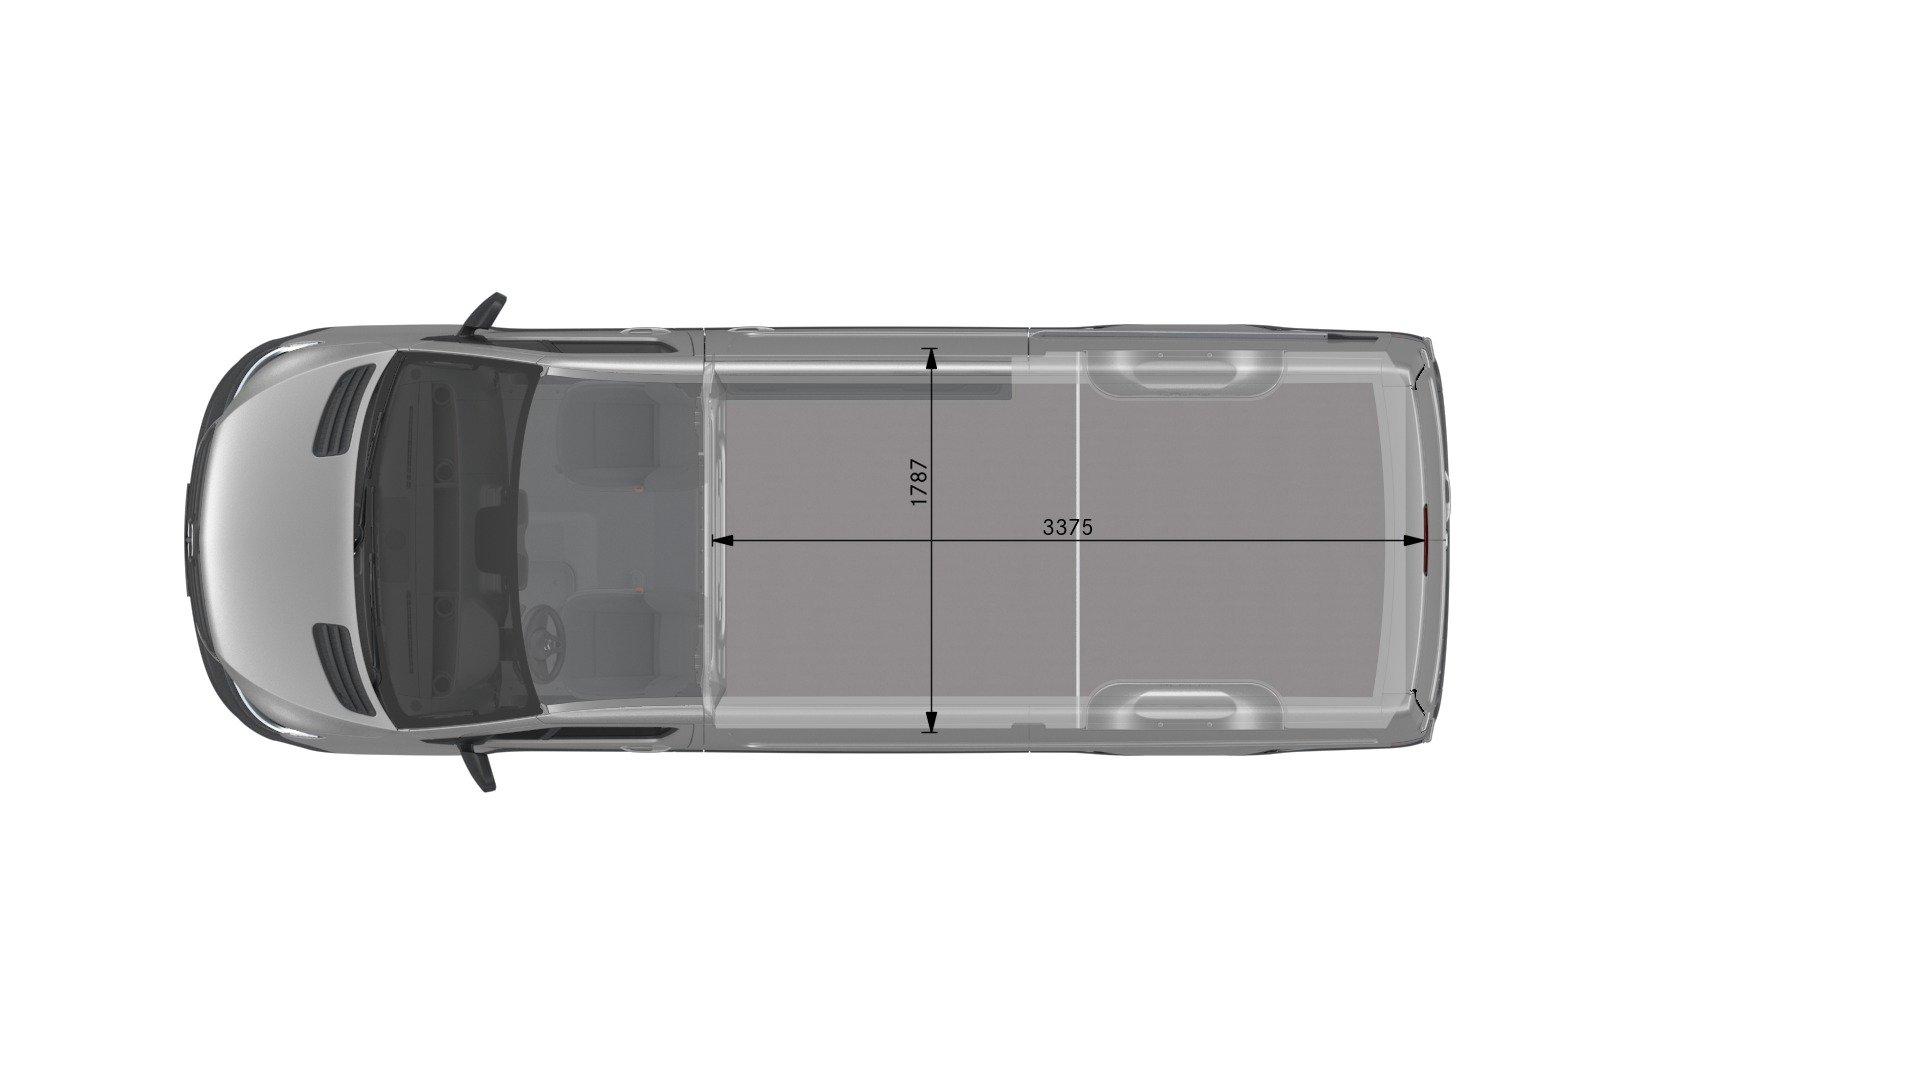 Van drawings-Top view-standard